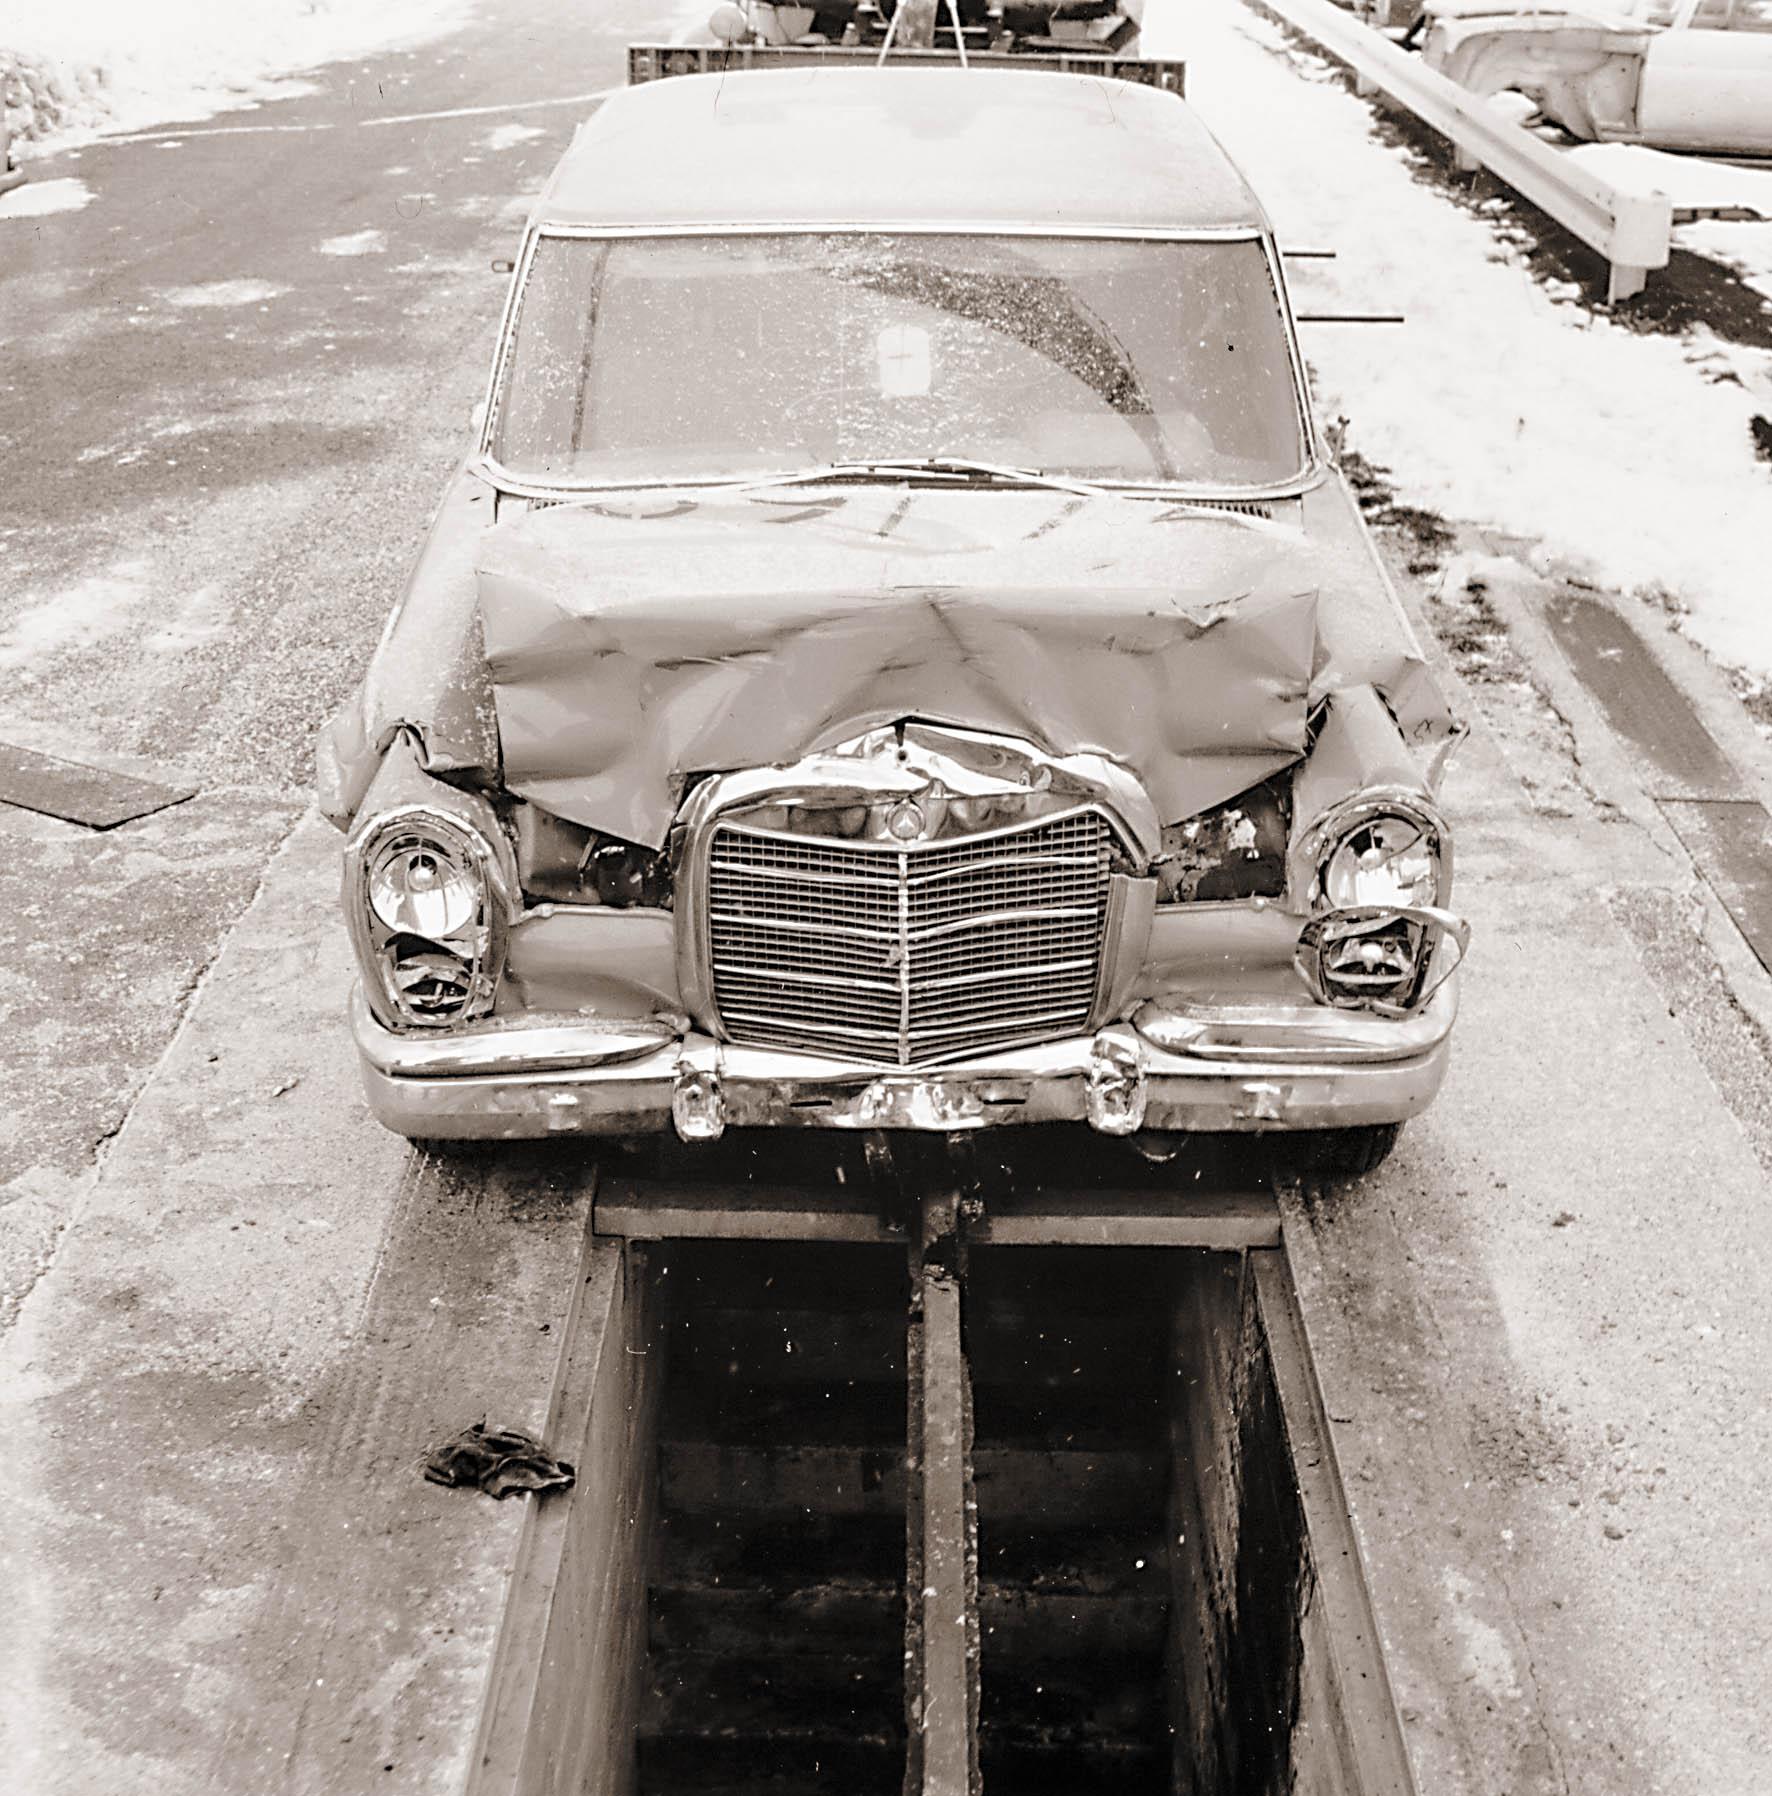 Etenkin USA:n liittovaltion kolariturvallisuusmääräykset pakottivat Mercedesinkin todistamaan 600:n koossapysymisen törmäyksissä, joskin tehdas oli tehnyt vastaavia kokeita oma-aloitteisesti jo ennen W 100:n ensiesittelyä.